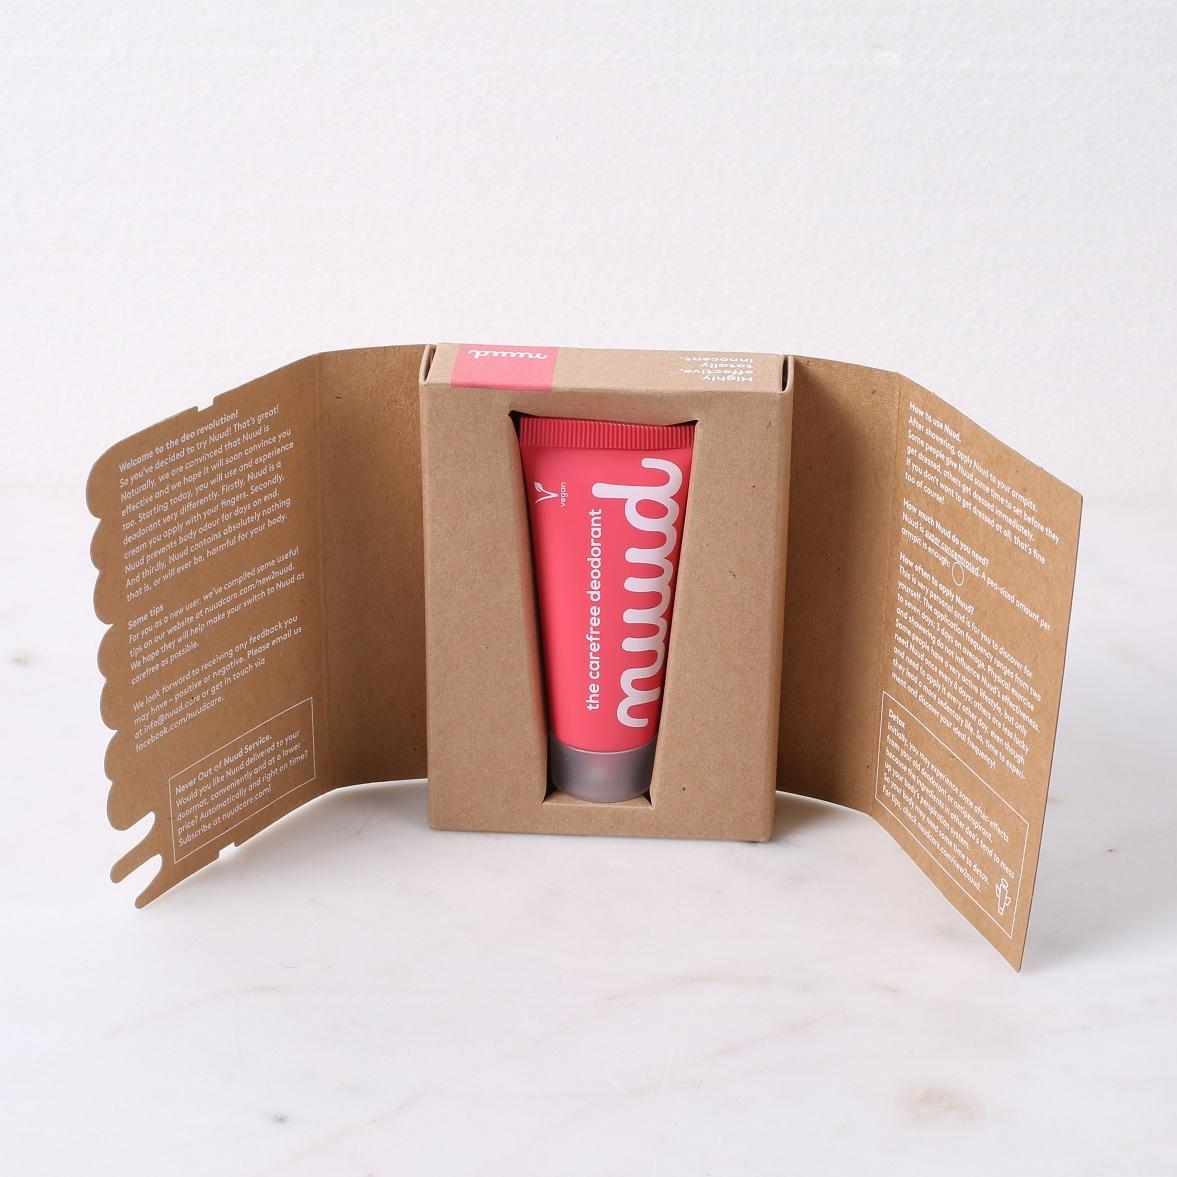 Nuud+deodorant+Packaging.jpg